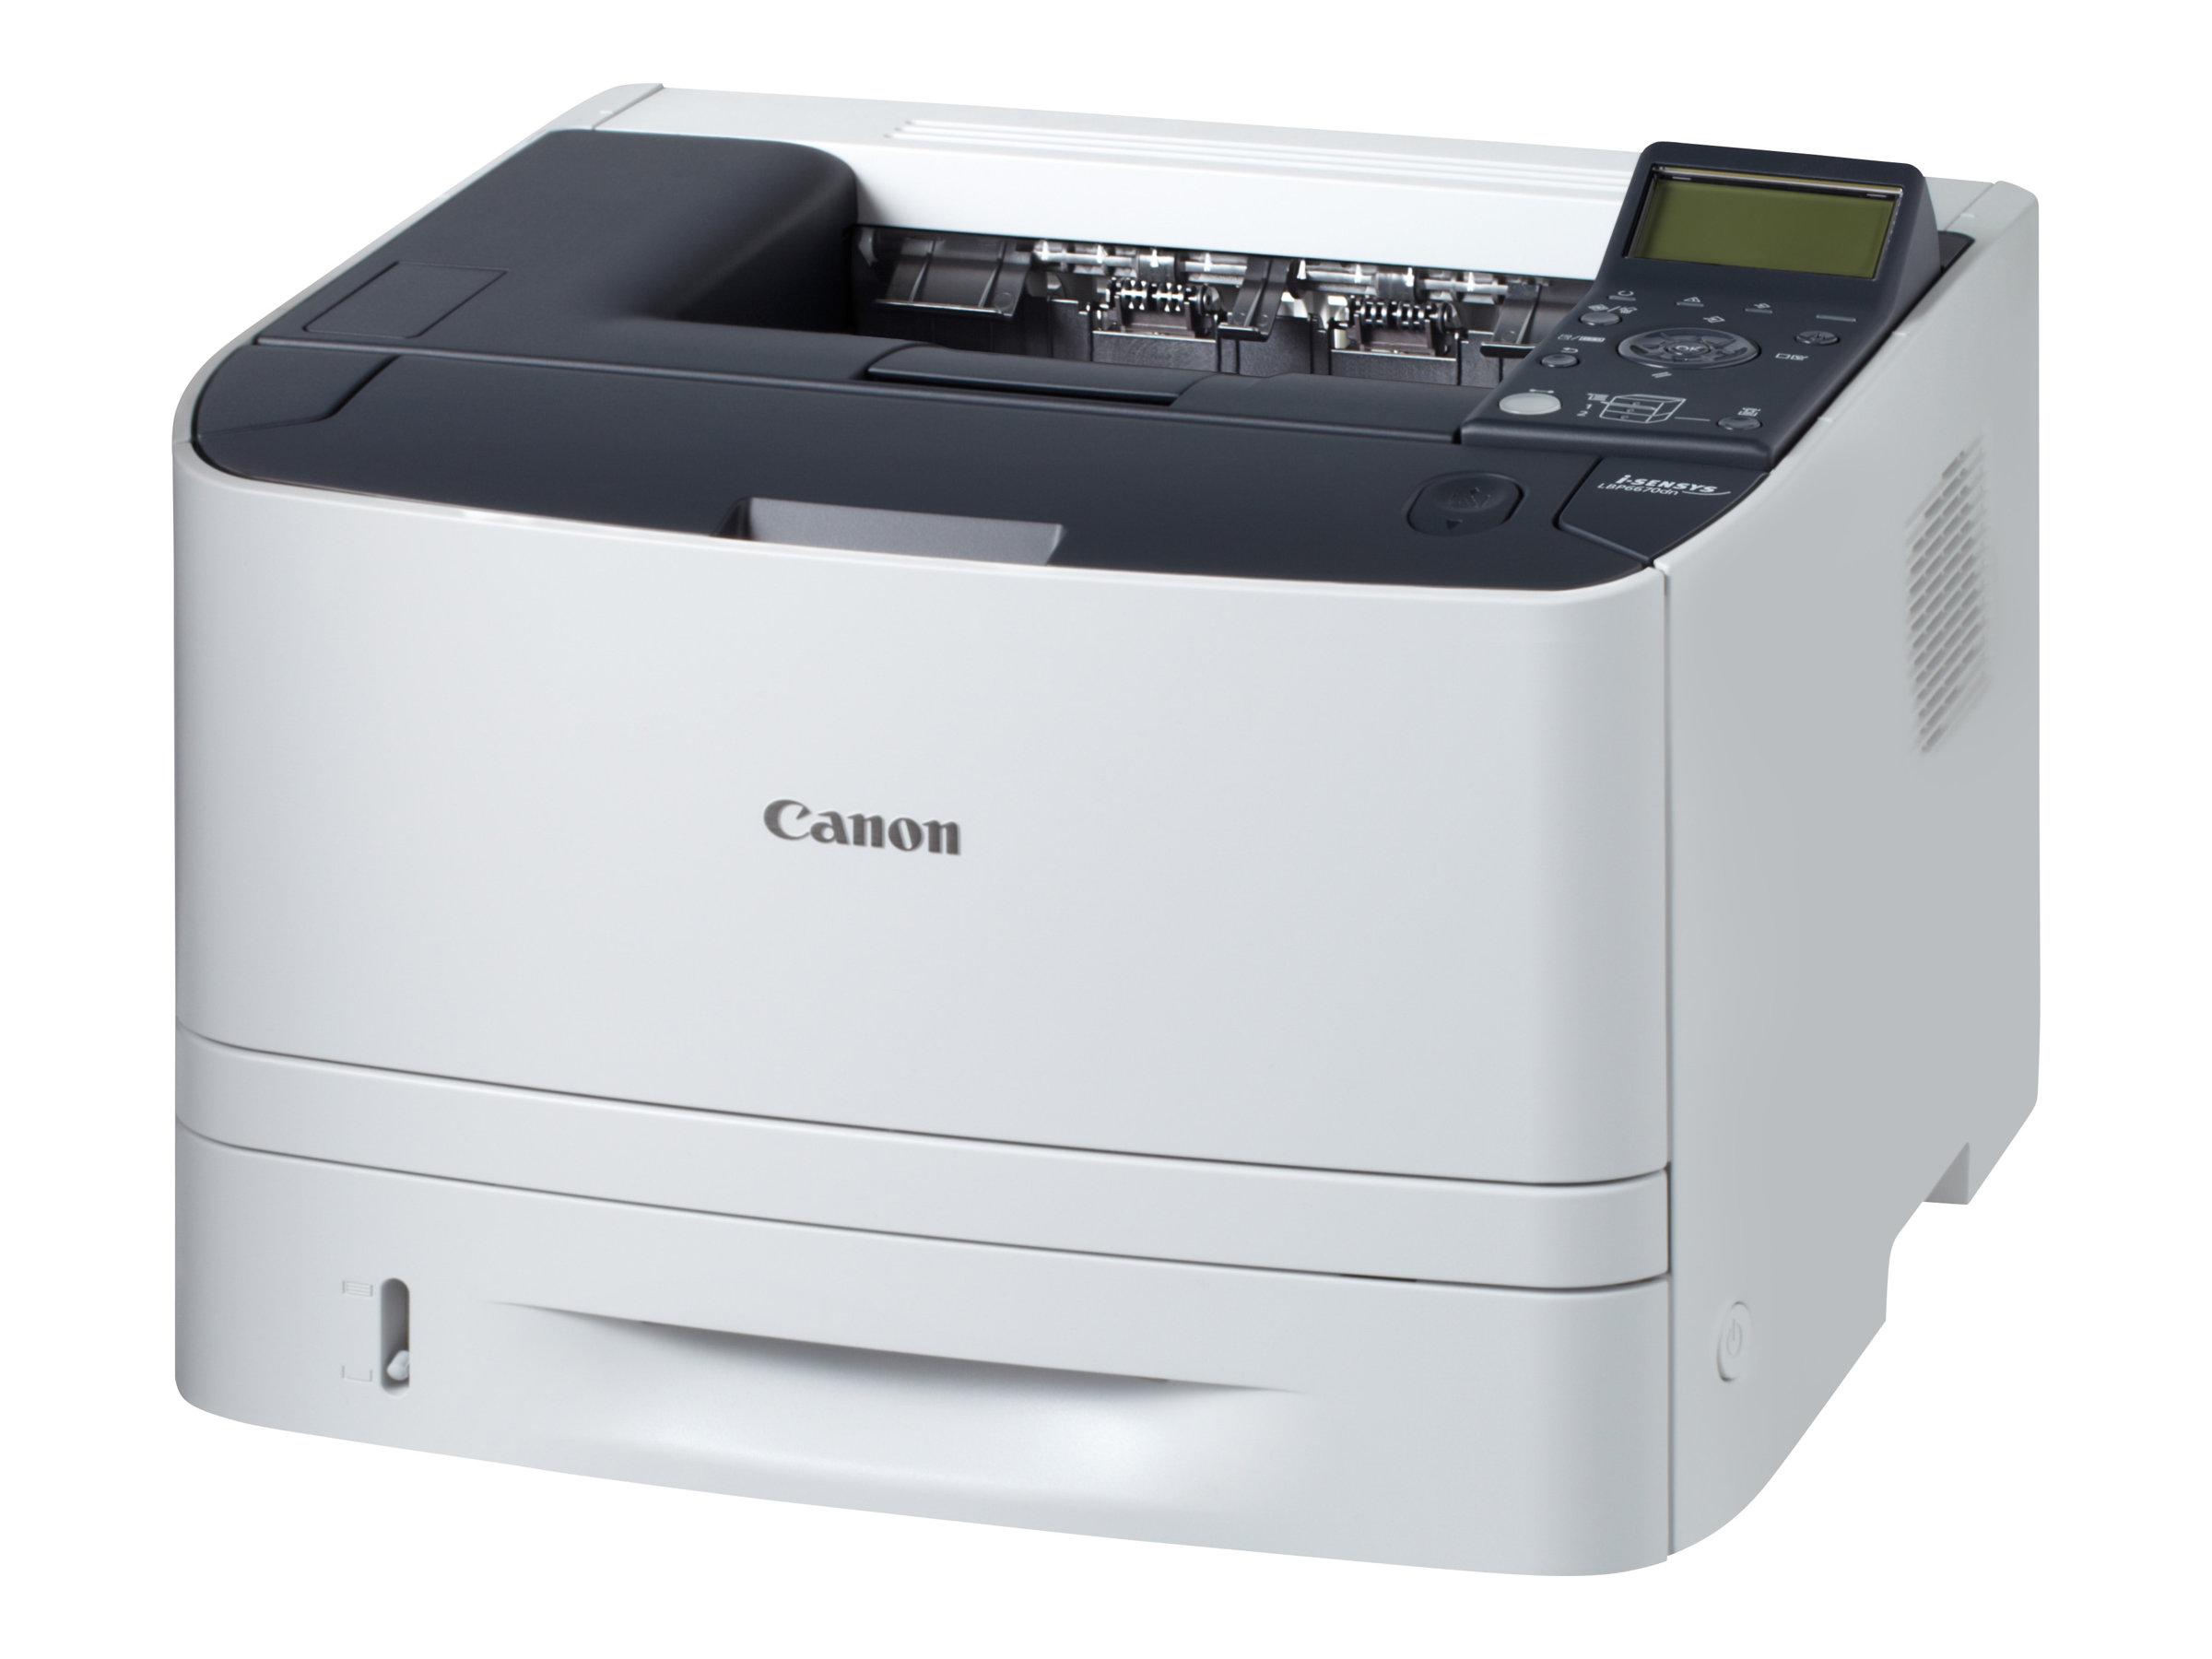 Принтер Canon i-SENSYS LBP6670dn